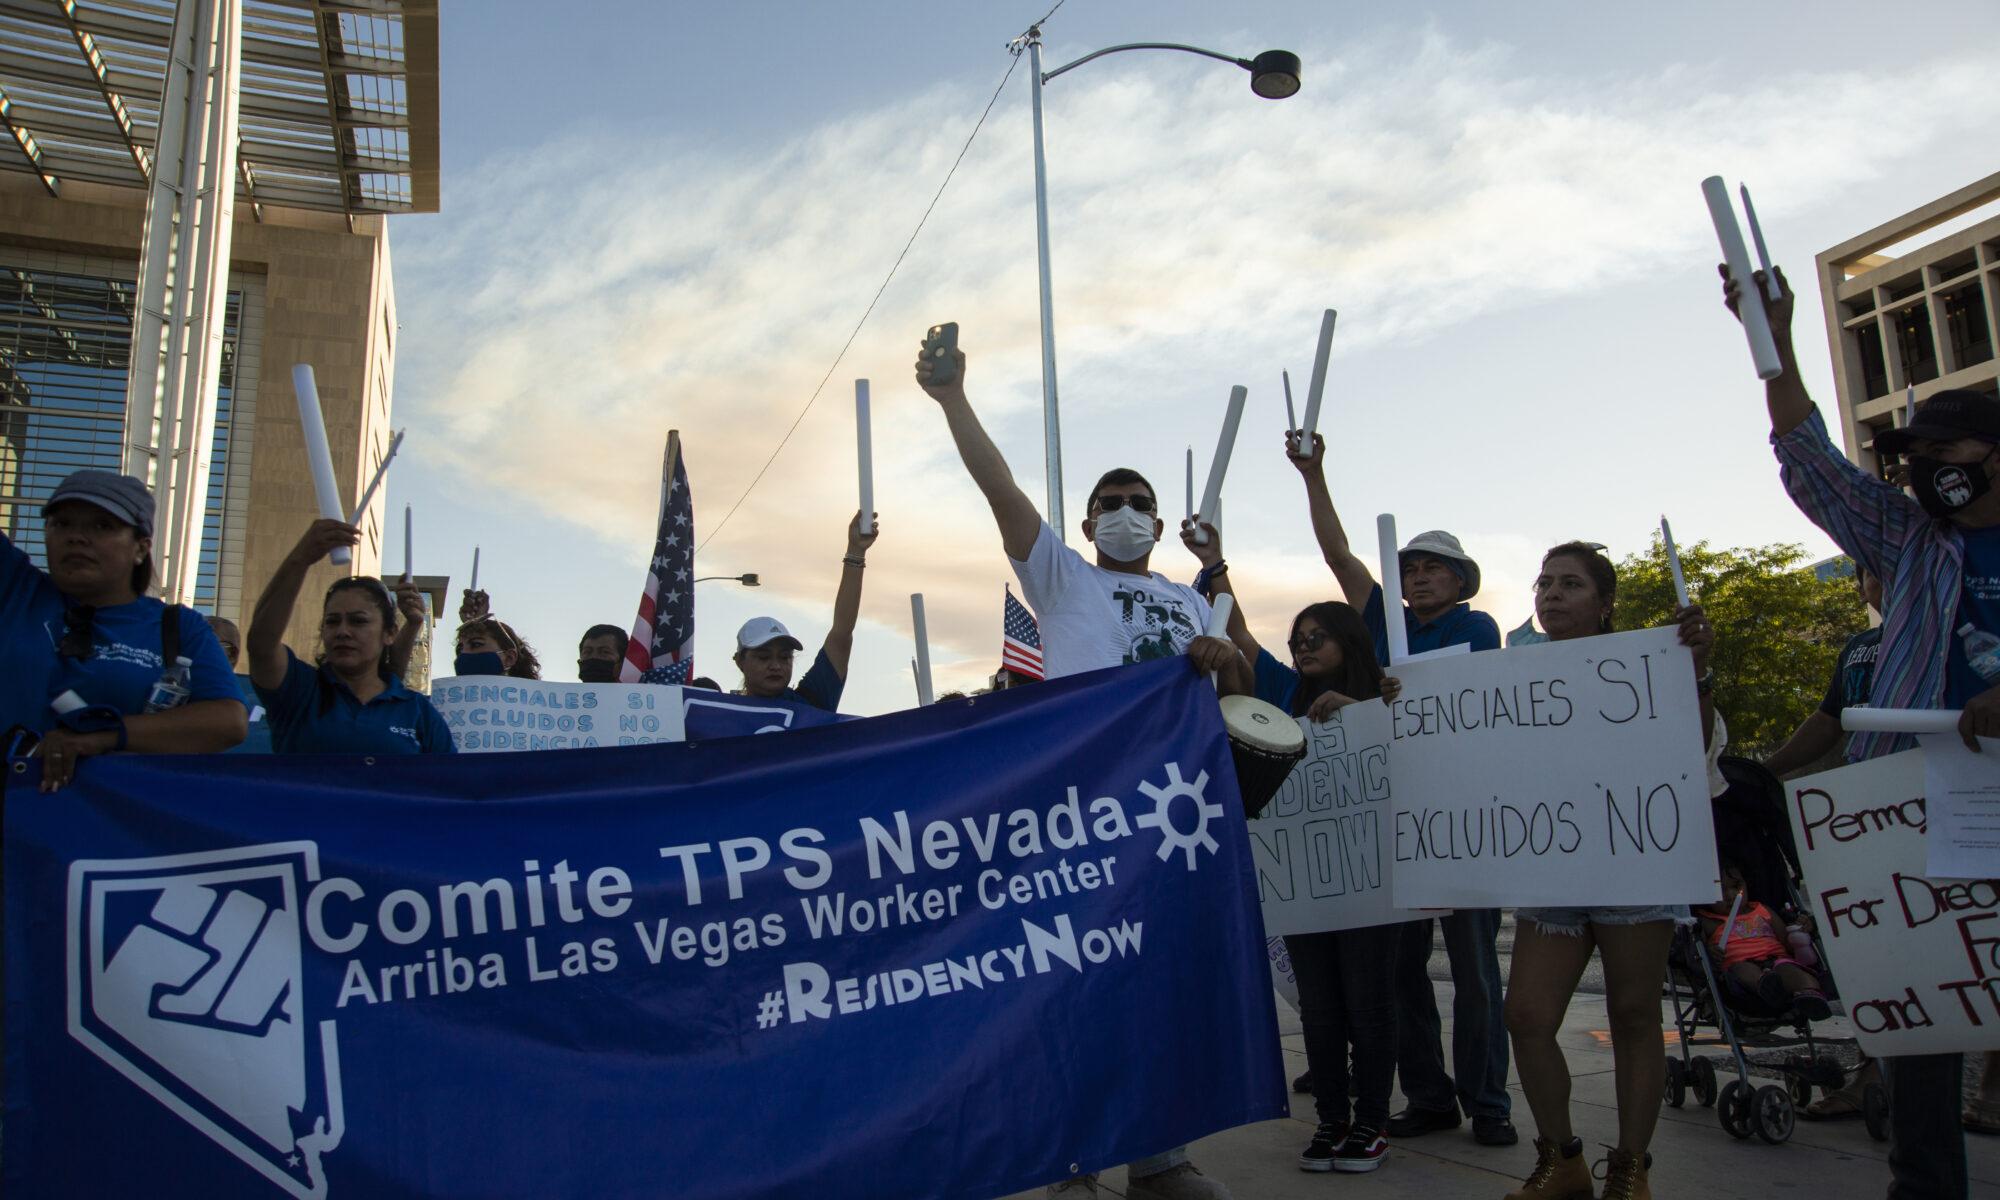 Multitud protestando con banderas alzadas